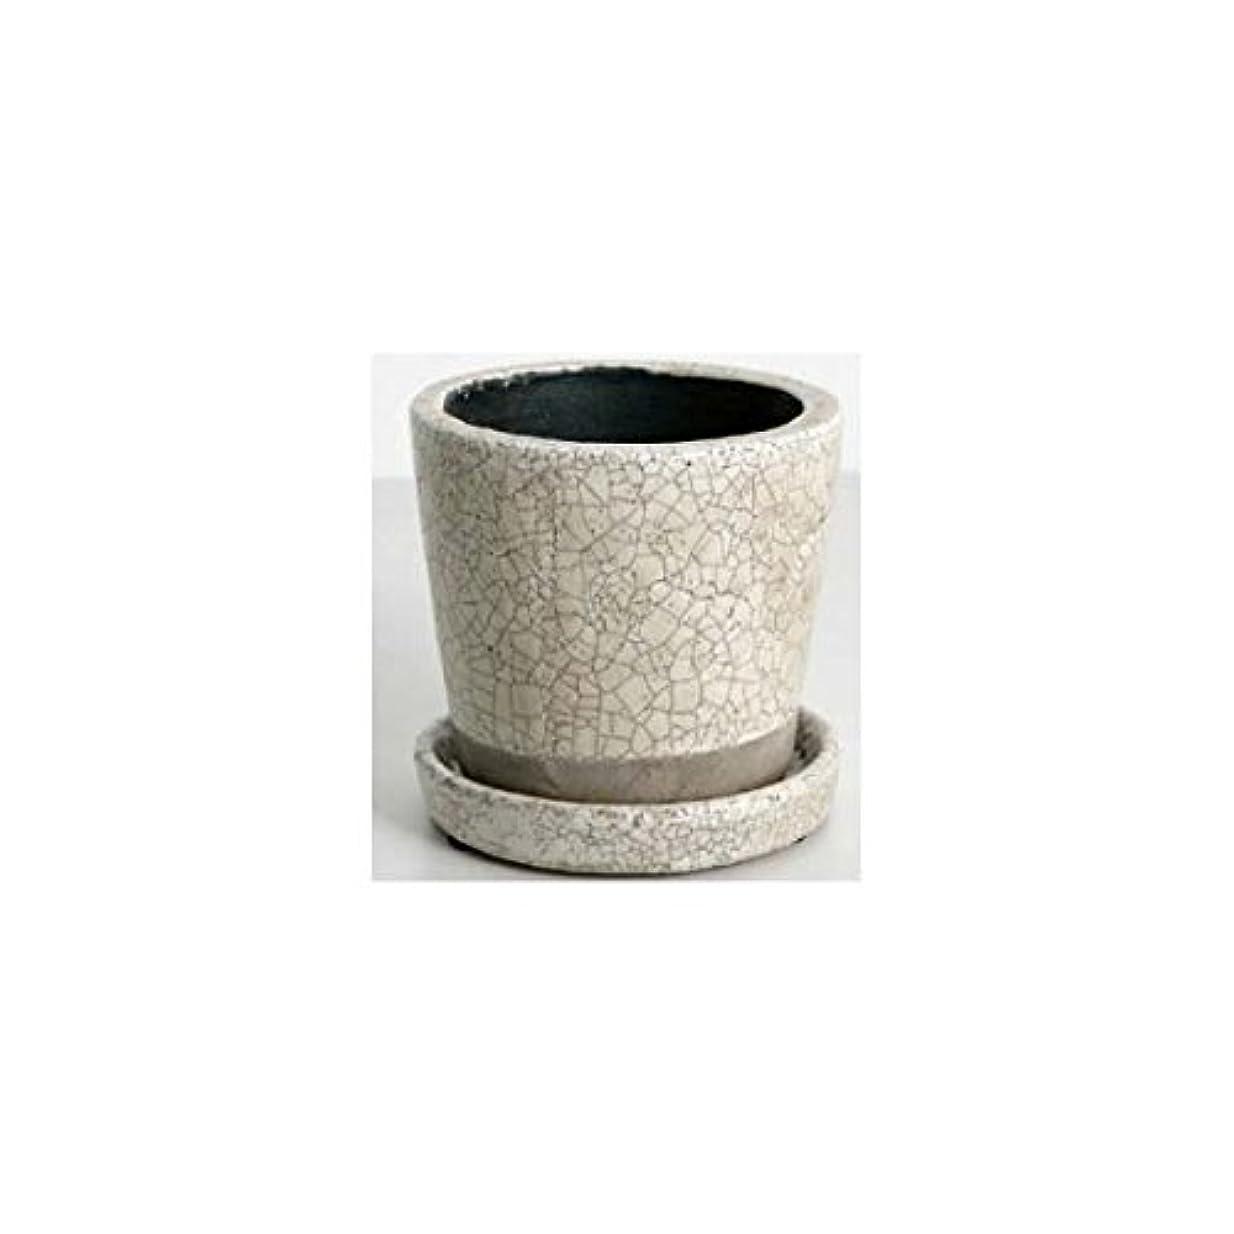 ありふれた農業走るColor glazed pot カラフル テラコッタポット 植木鉢 CH13-G476IV